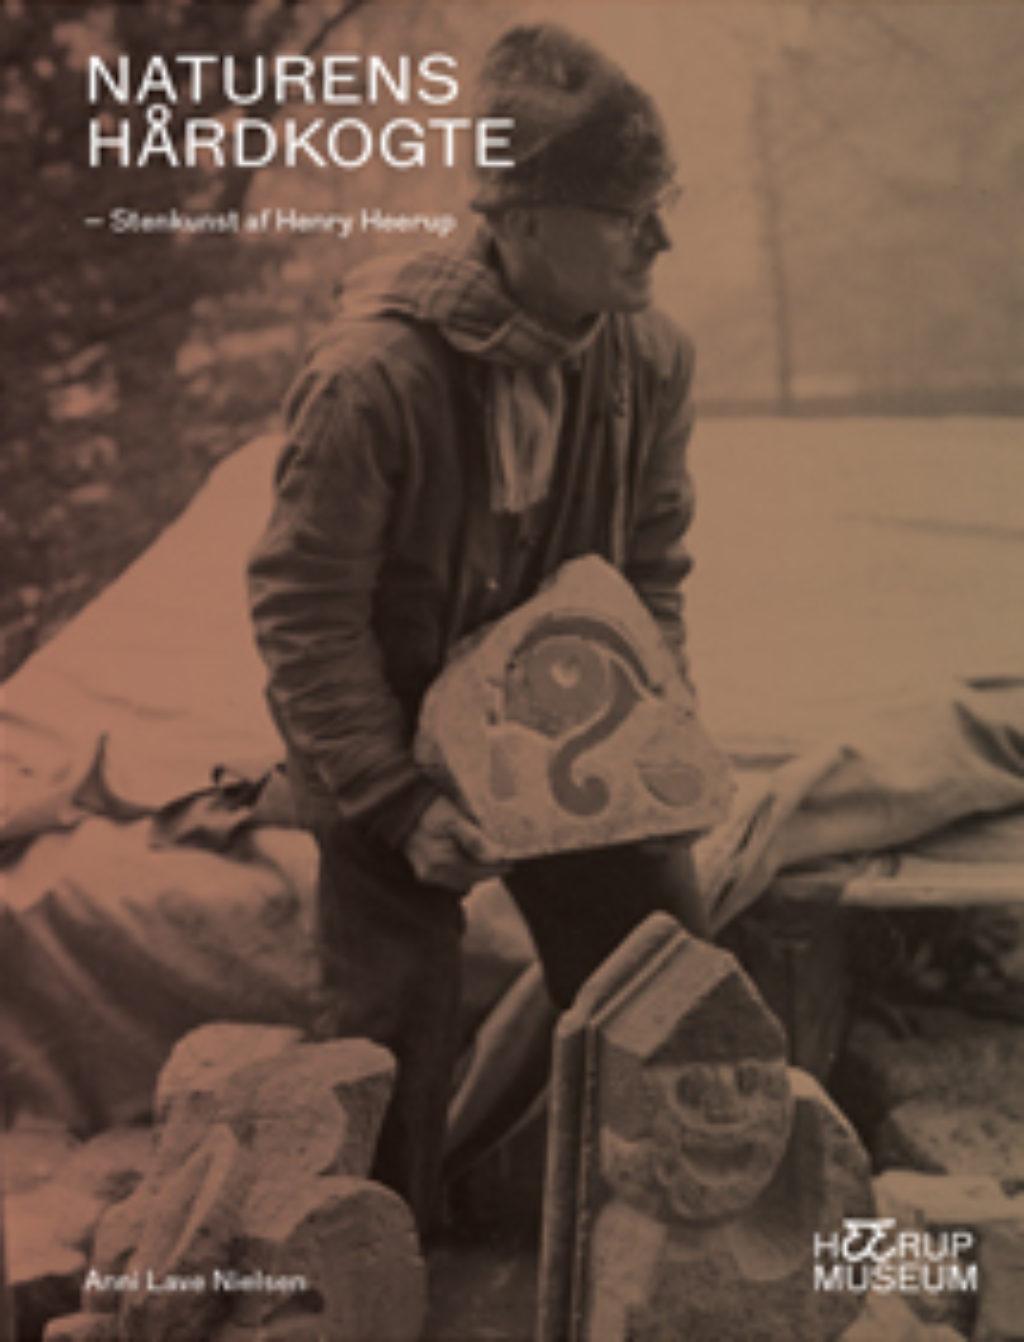 Gå til varen: Naturens Hårdkogte – Stenkunst af Henry Heerup